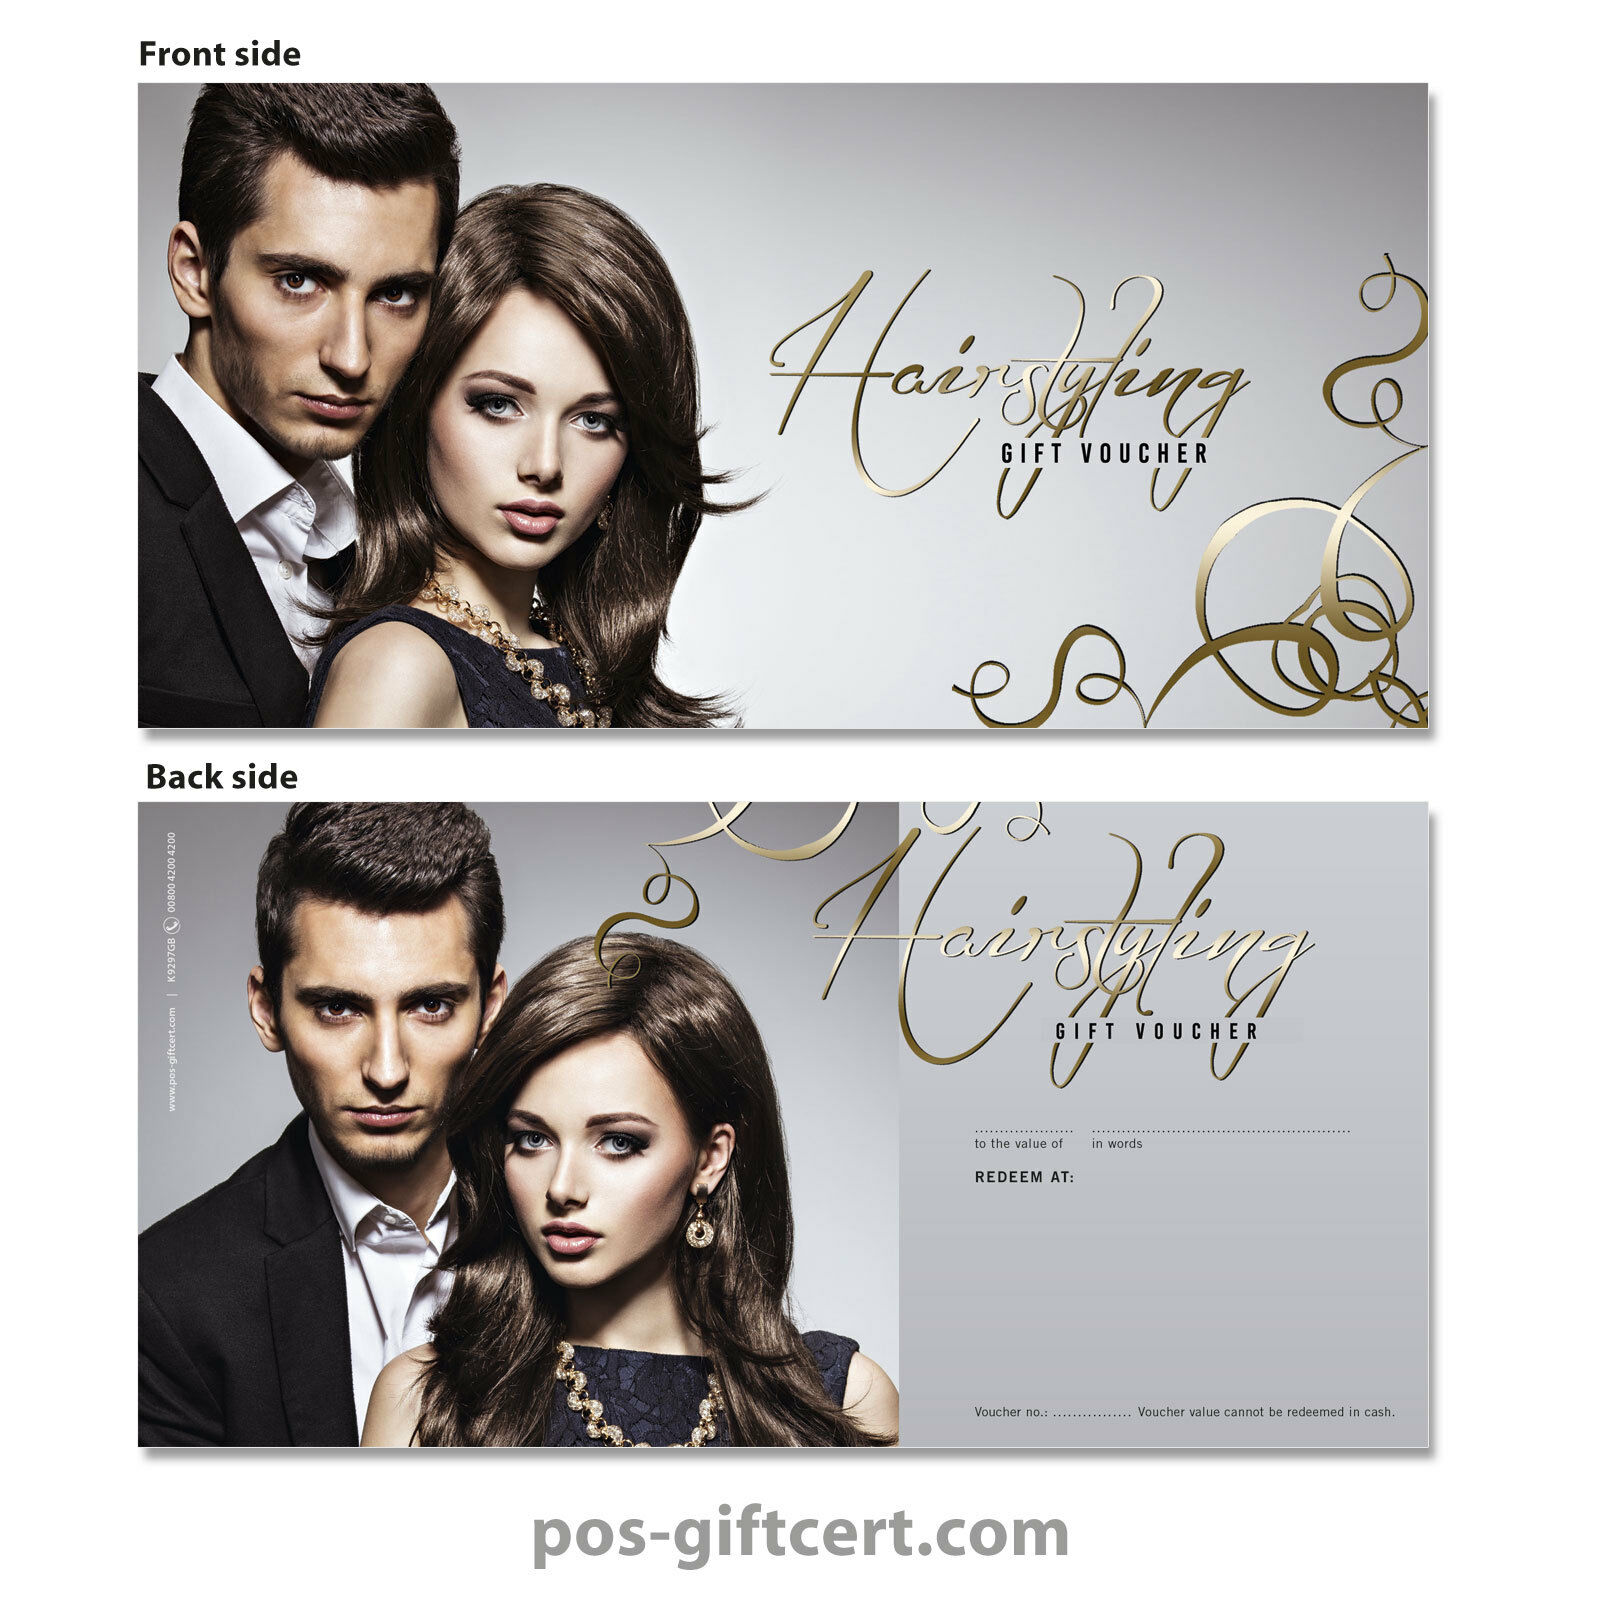 Gift vouchers for hair salons, hairdressers, hairstylists K9297GB  | Verschiedene Arten Und Die Styles  | Sonderaktionen zum Jahresende